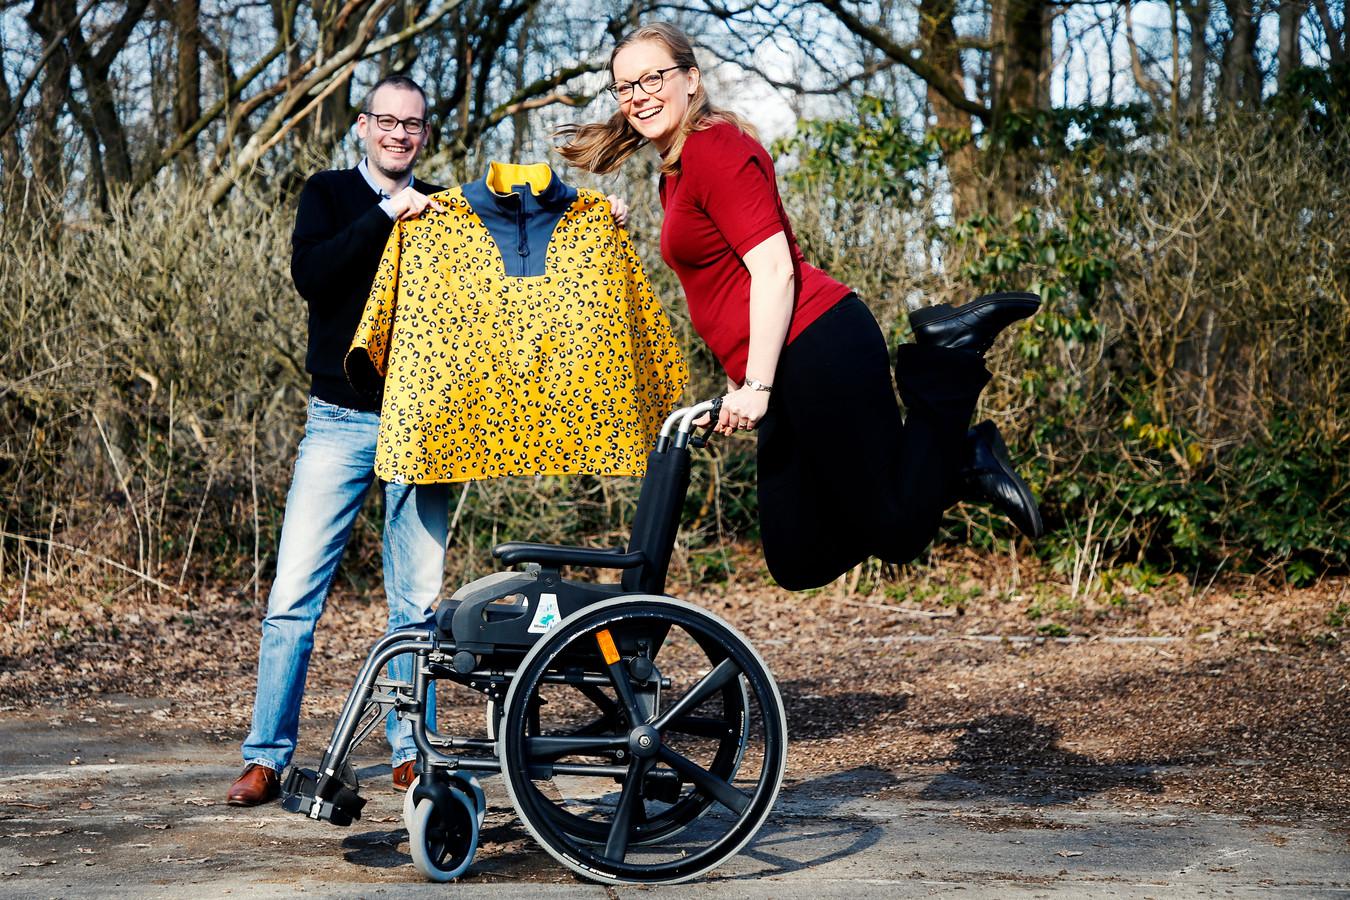 Daphne de Ruijter maakt kleding voor mensen met een lichamelijke beperking. Links compagnon Mark.